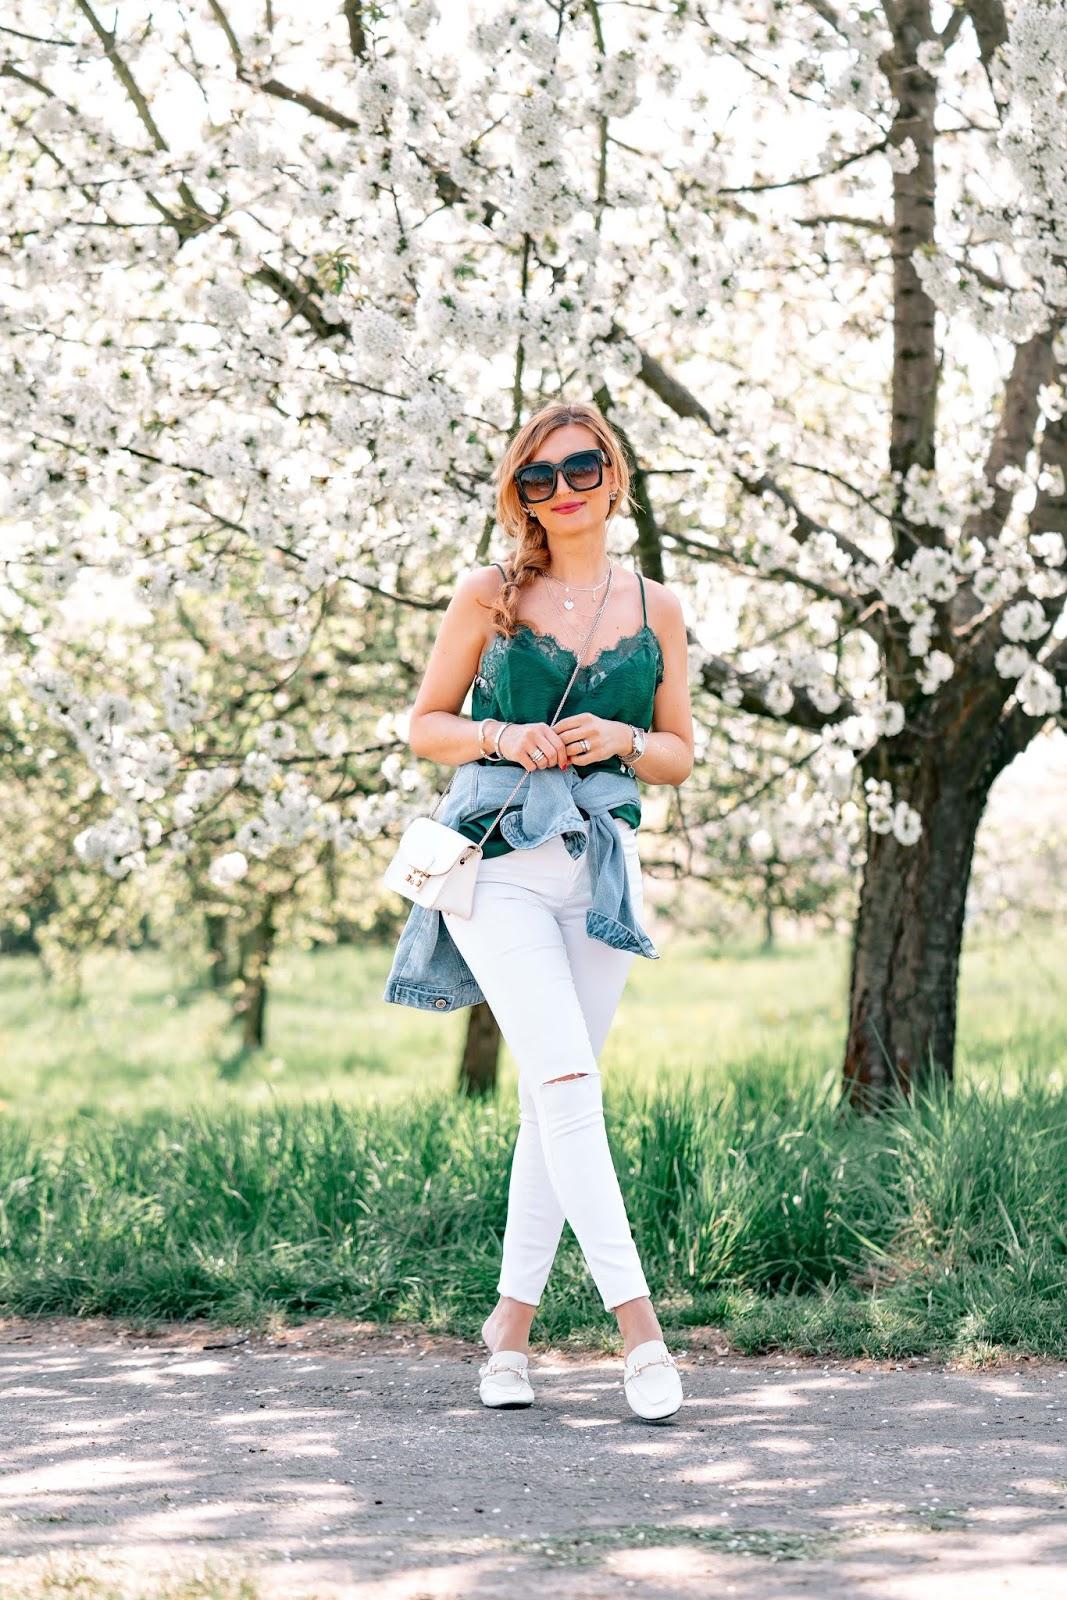 was-ziehe-ich-im-sommer-an-must-have-für-den-sommer-fashionstylebyjohanna-Frühling-sommeroutfit-inspiration (5)